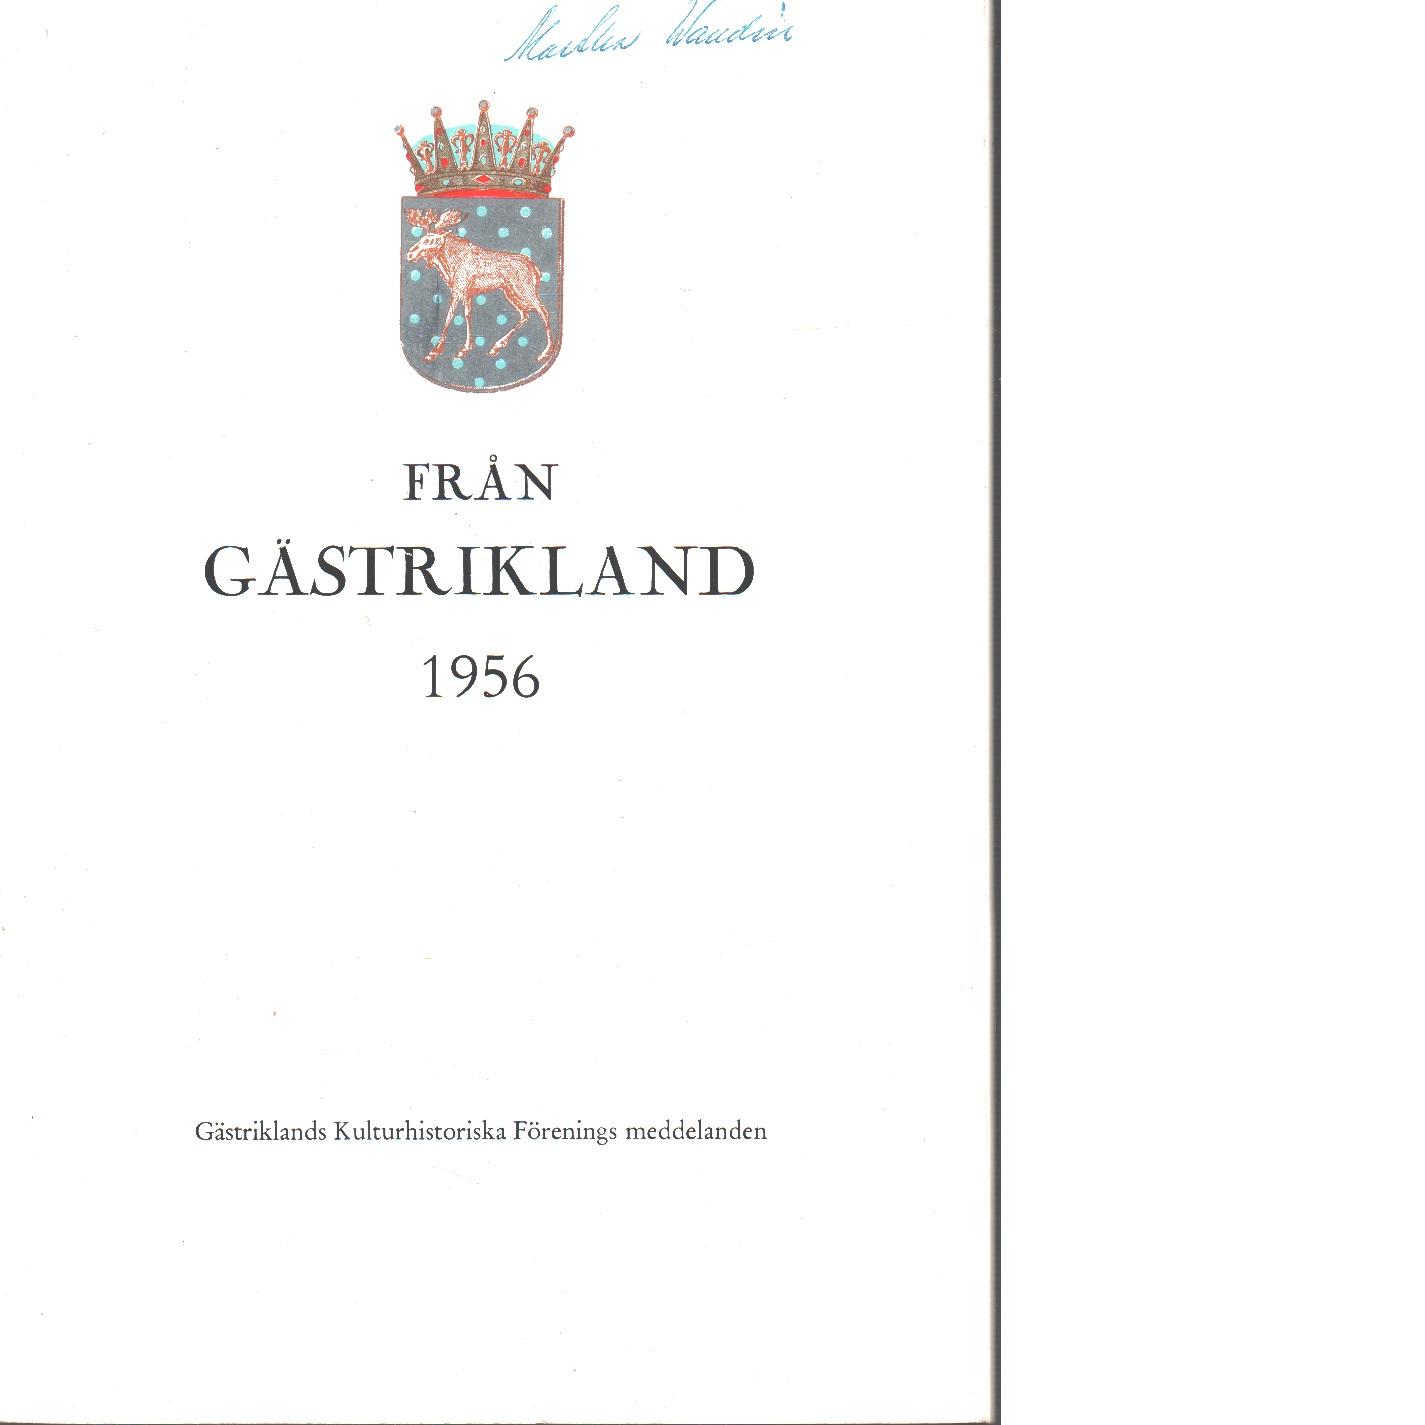 Från Gästrikland 1956 - Gästriklands kulturhistoriska förening